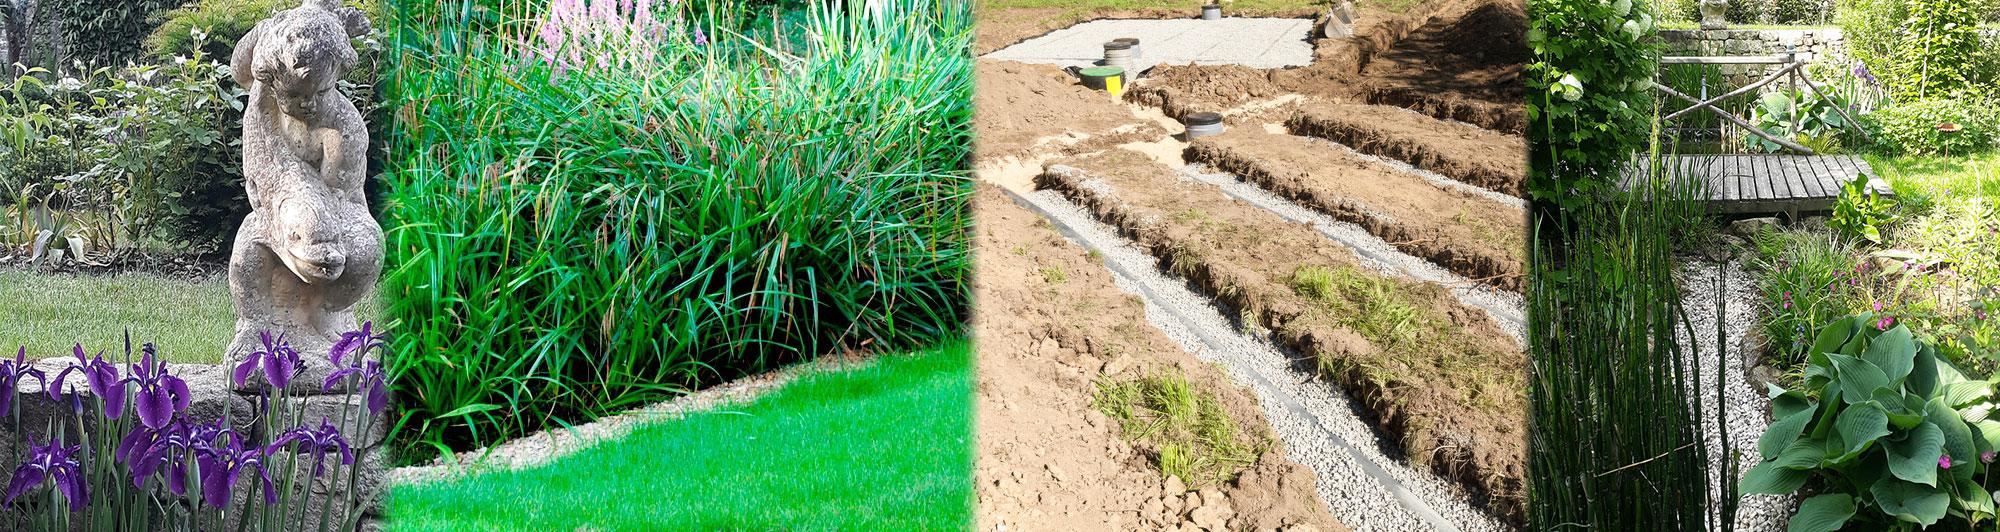 Bureau d'étude, ingénierie, sols et jardins assainissement avec fosses septiques